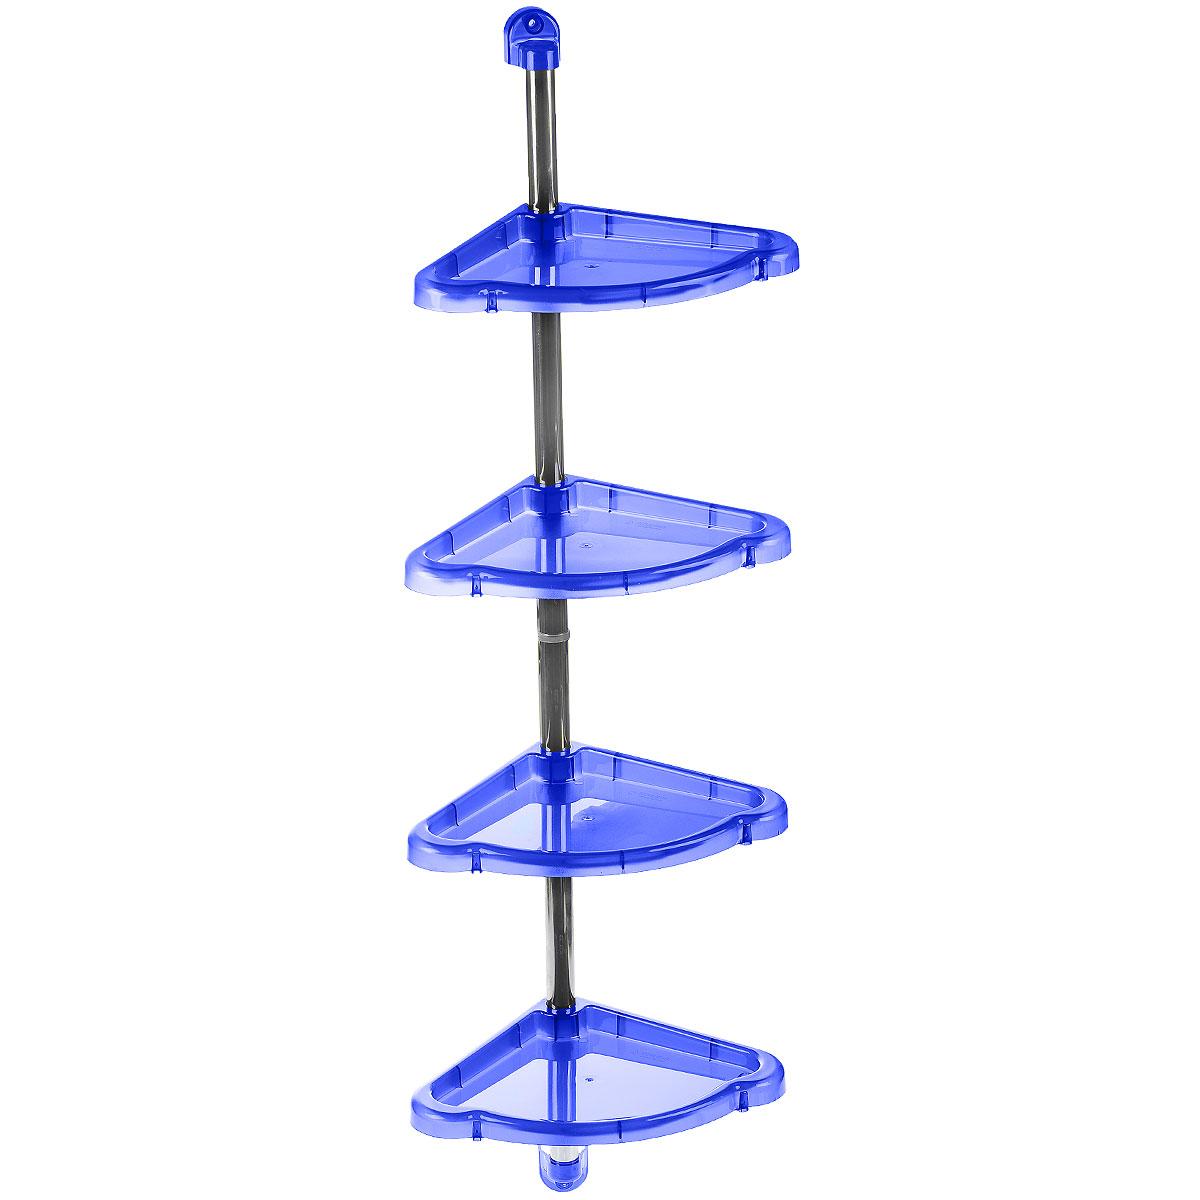 Этажерка угловая Berossi Elancia, 2-4-х ярусная, цвет: синий, 24 х 24 х 98,3 смАС12910Угловая этажерка Berossi Elancia выполнена из пластика и металла и предназначена для хранения различных предметов в ванной. Этажерка легко собирается и разбирается. Можно собрать как двухъярусную, так и четырехъярусную этажерку. У каждой полки по переферии есть небольшие отверстия, предназначенные для стекания воды. Этажерка придется особенно кстати, если у вас небольшая ванная: она займет минимум пространства. Размер 4-х ярусной этажерки (ДхШхВ): 24 см х 24 см х 98,3 см. Размер 2-х ярусной этажерки (ДхШхВ): 24 см х 24 см х 53,6 см.